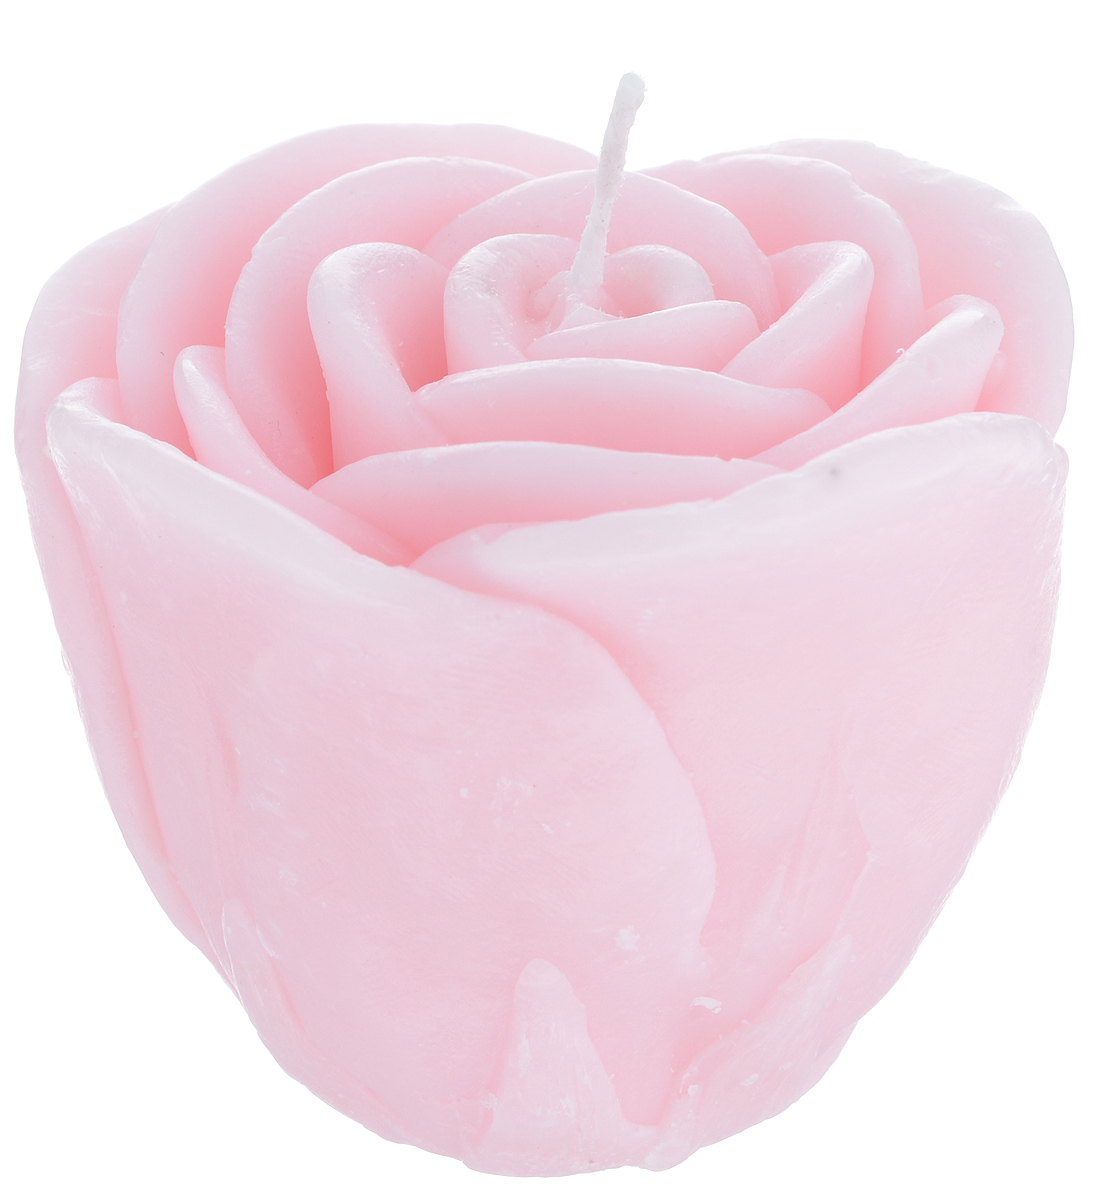 Свеча декоративная Proffi Большая роза, цвет: розовый, 7 х 7 х 6 смU210DFДекоративная свеча Proffi Большая роза изготовлена из парафина и стеарина, а фитиль из хлопка. Изделие выполнено в виде розы. Предназначена для освещения и украшения помещений. Такая свеча может стать отличным подарком или дополнить интерьер вашей спальни или гостиной.